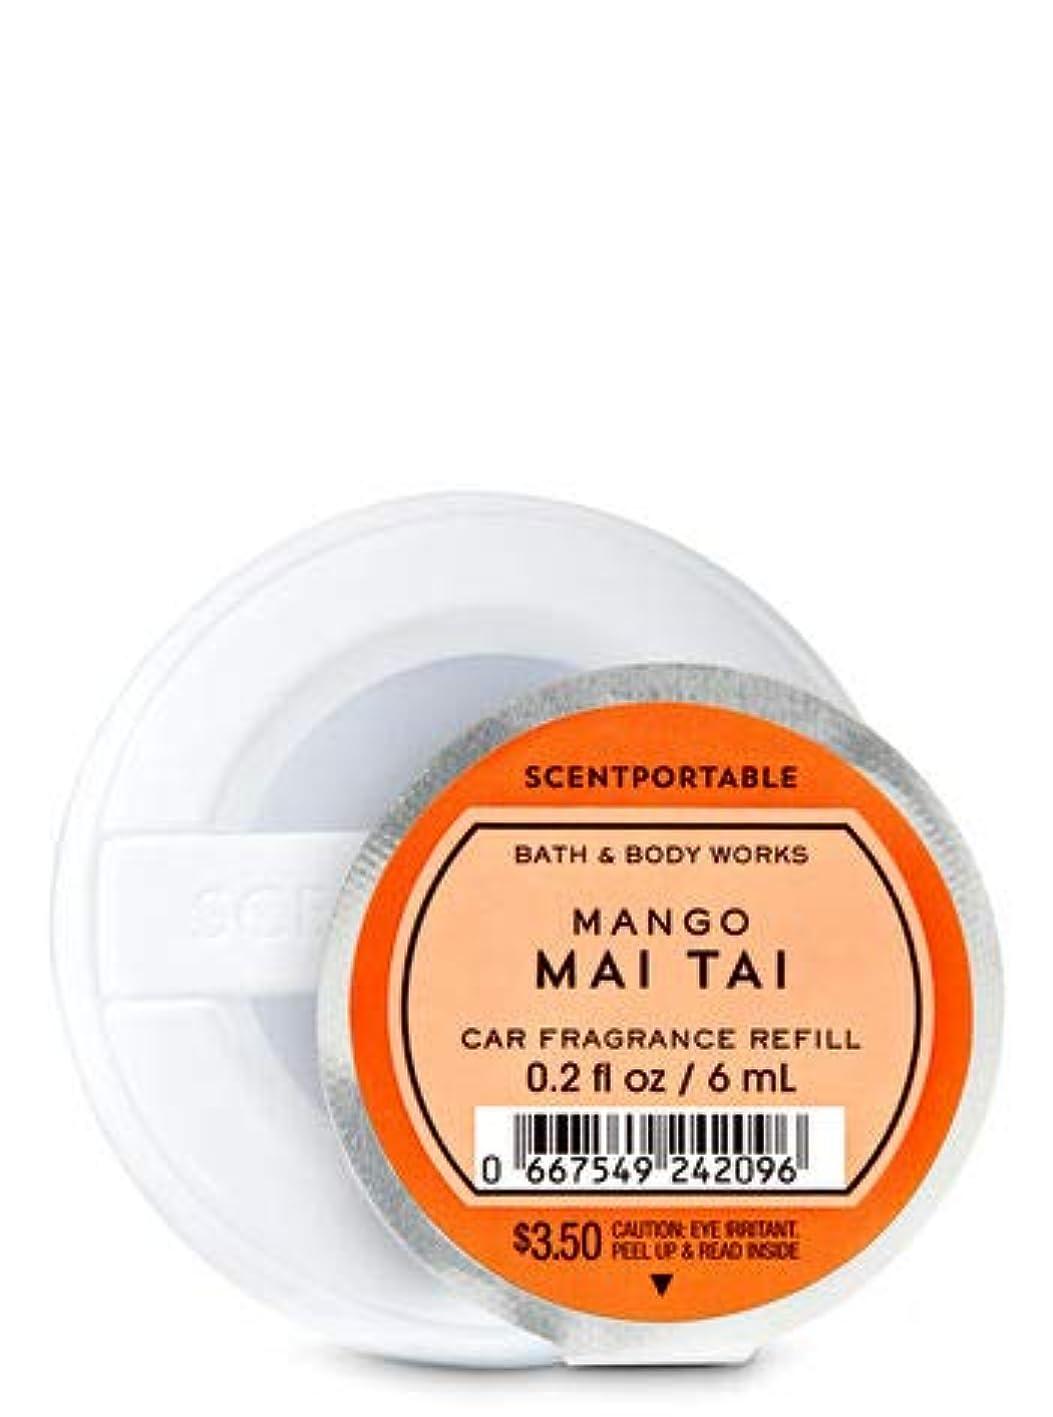 正気絡まる殺す【Bath&Body Works/バス&ボディワークス】 クリップ式芳香剤 セントポータブル詰替えリフィル マンゴーマイタイ Scentportable Fragrance Refill Mango Mai Tai [並行輸入品]